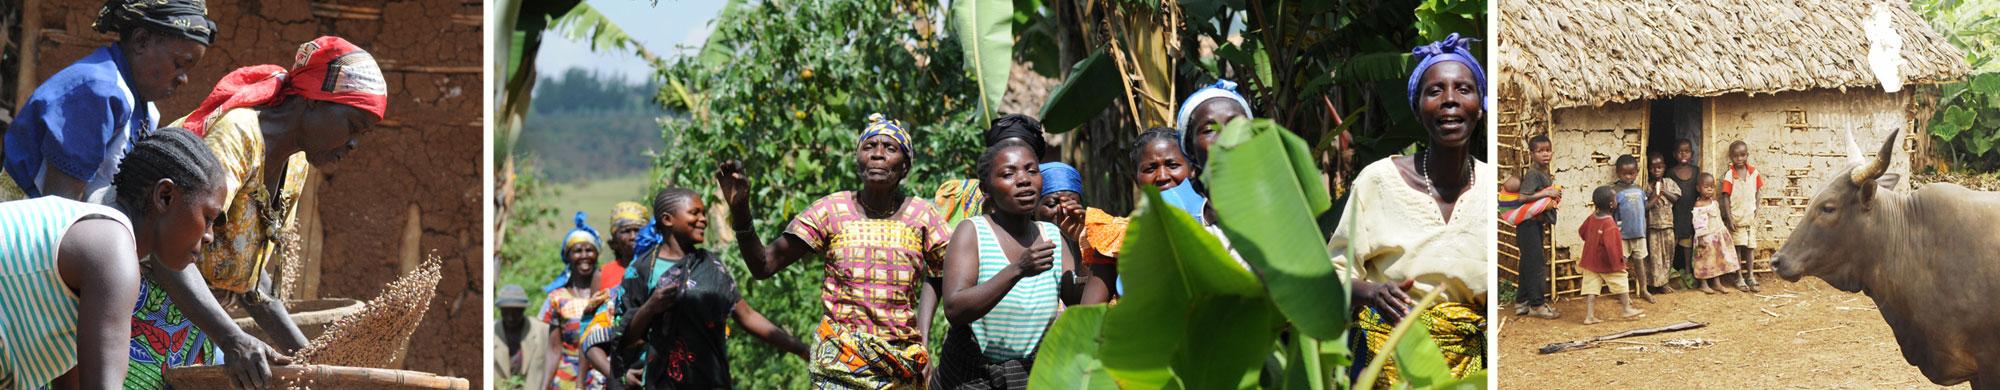 Aidez les femmes paysannes à combattre les injustices en RDC !